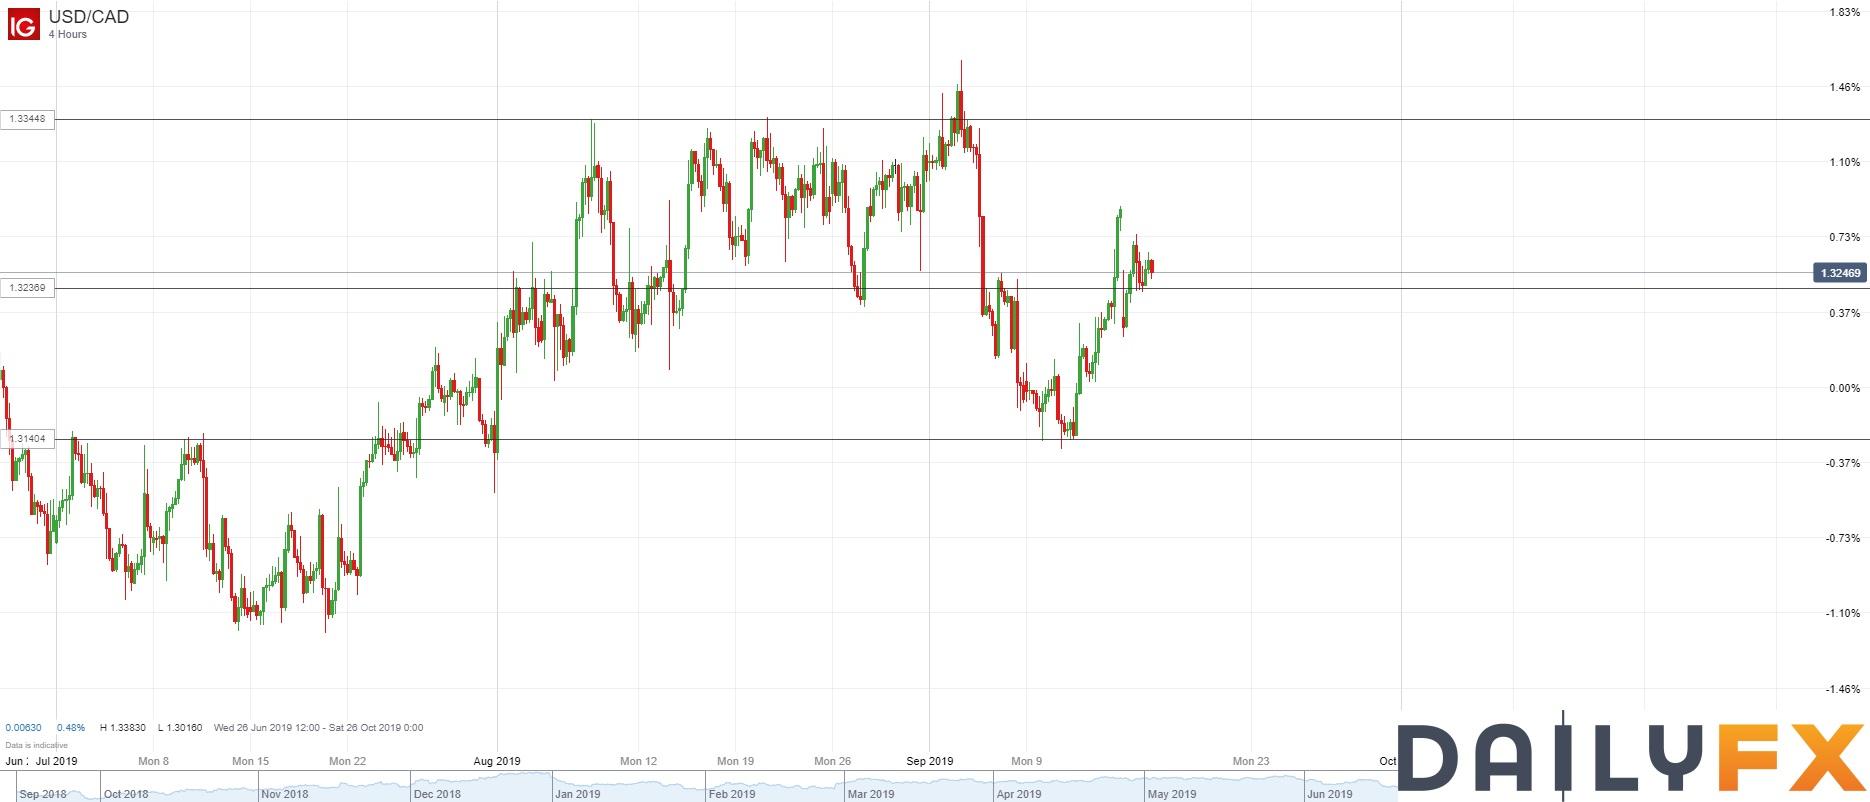 美元/加元技术分析:4小时图仍有可能延续自9月11日开始的上升势头